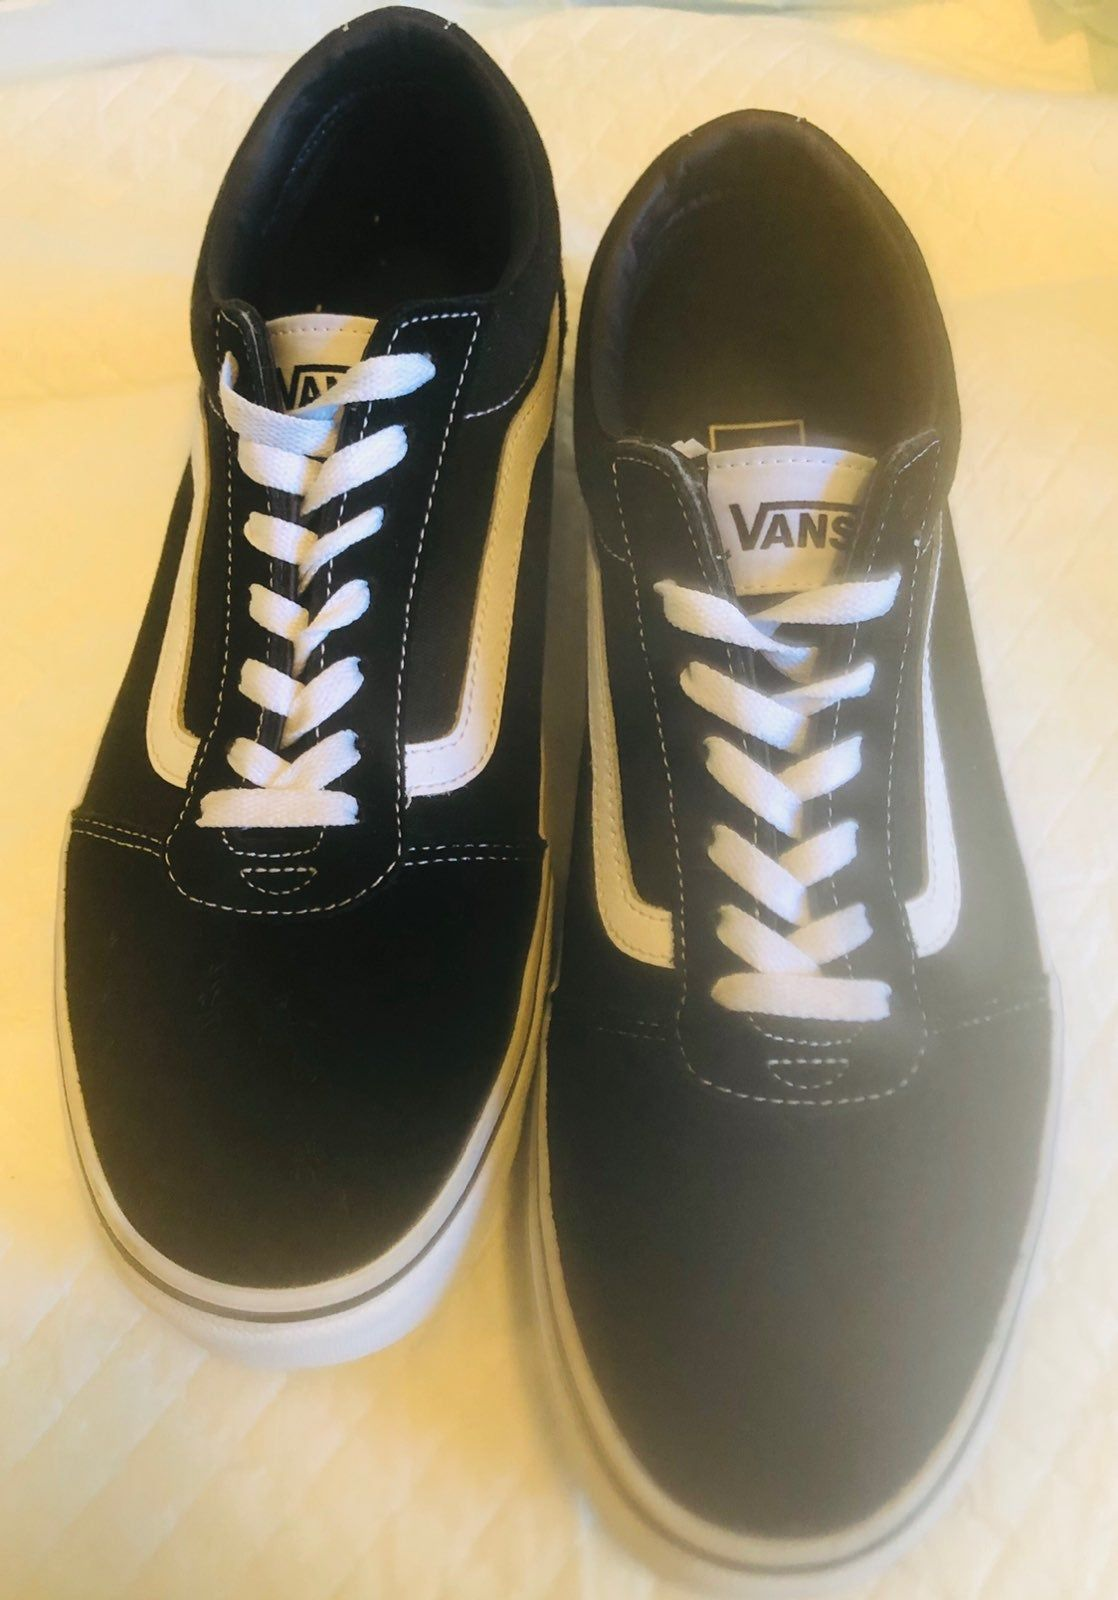 Vans classic skate shoe. White side